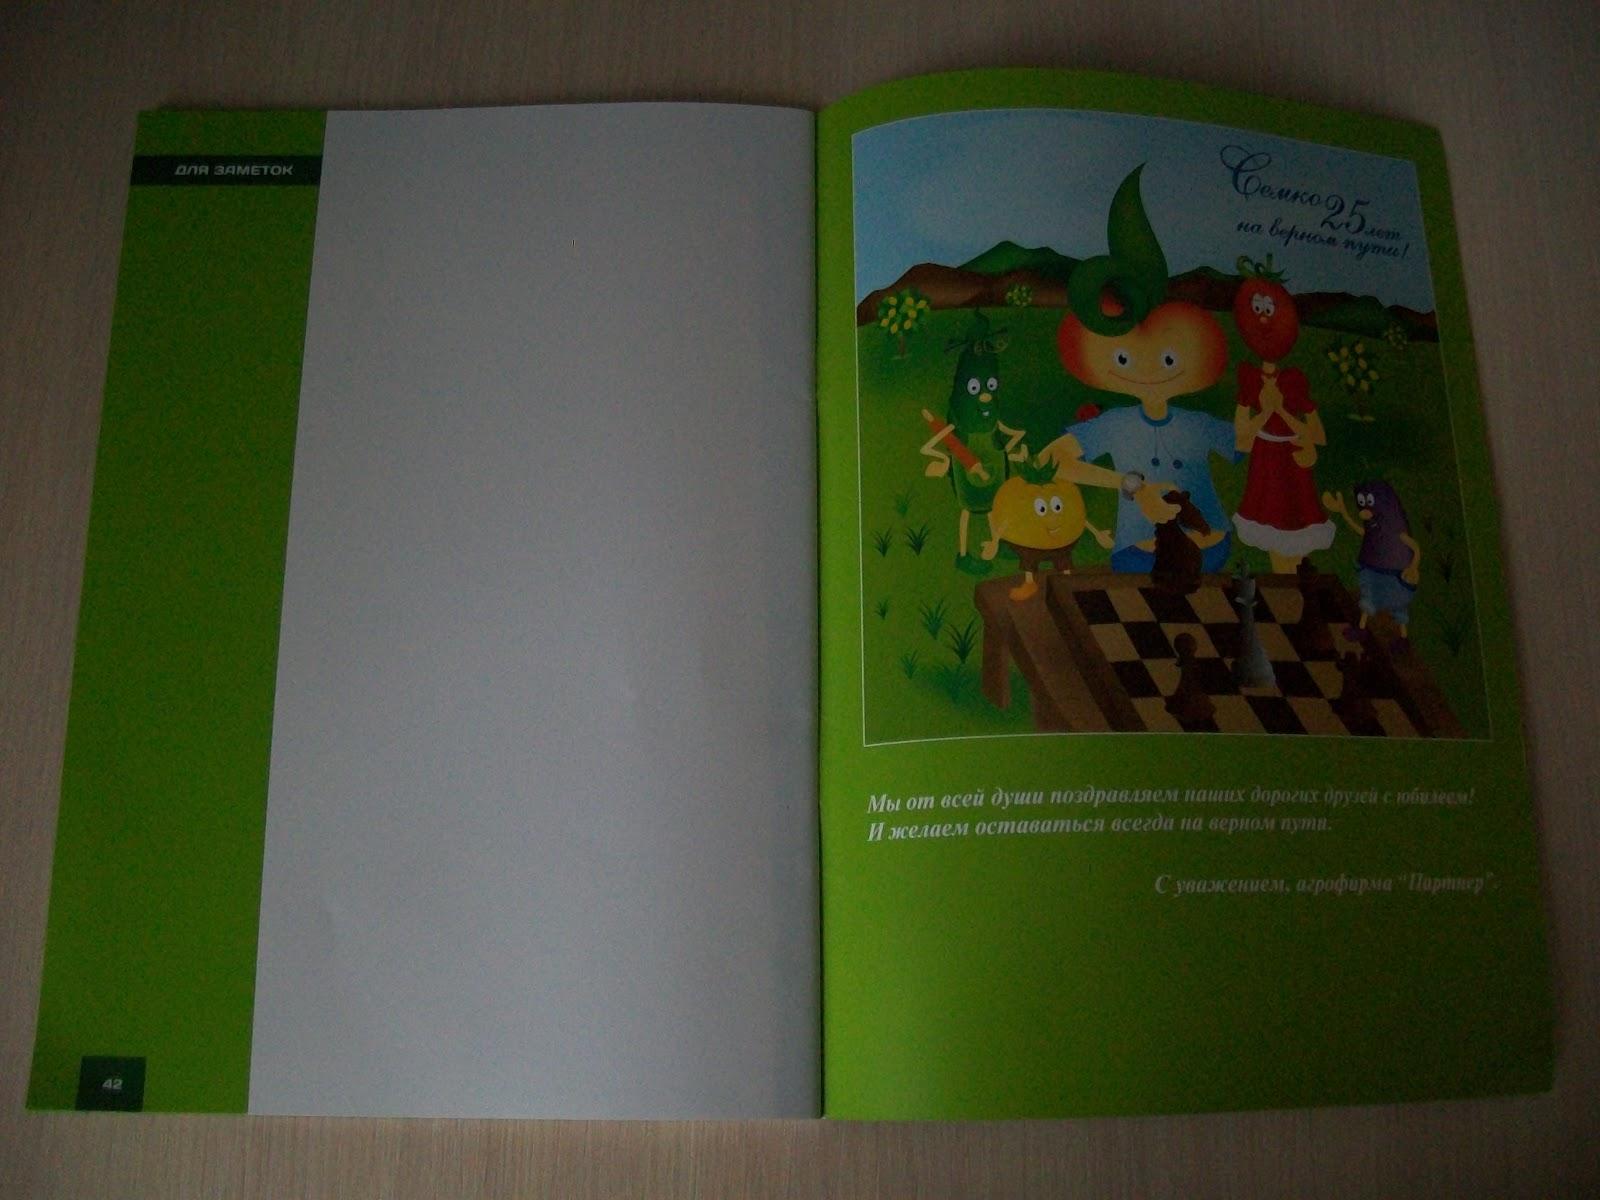 каталог внутри 2.JPG